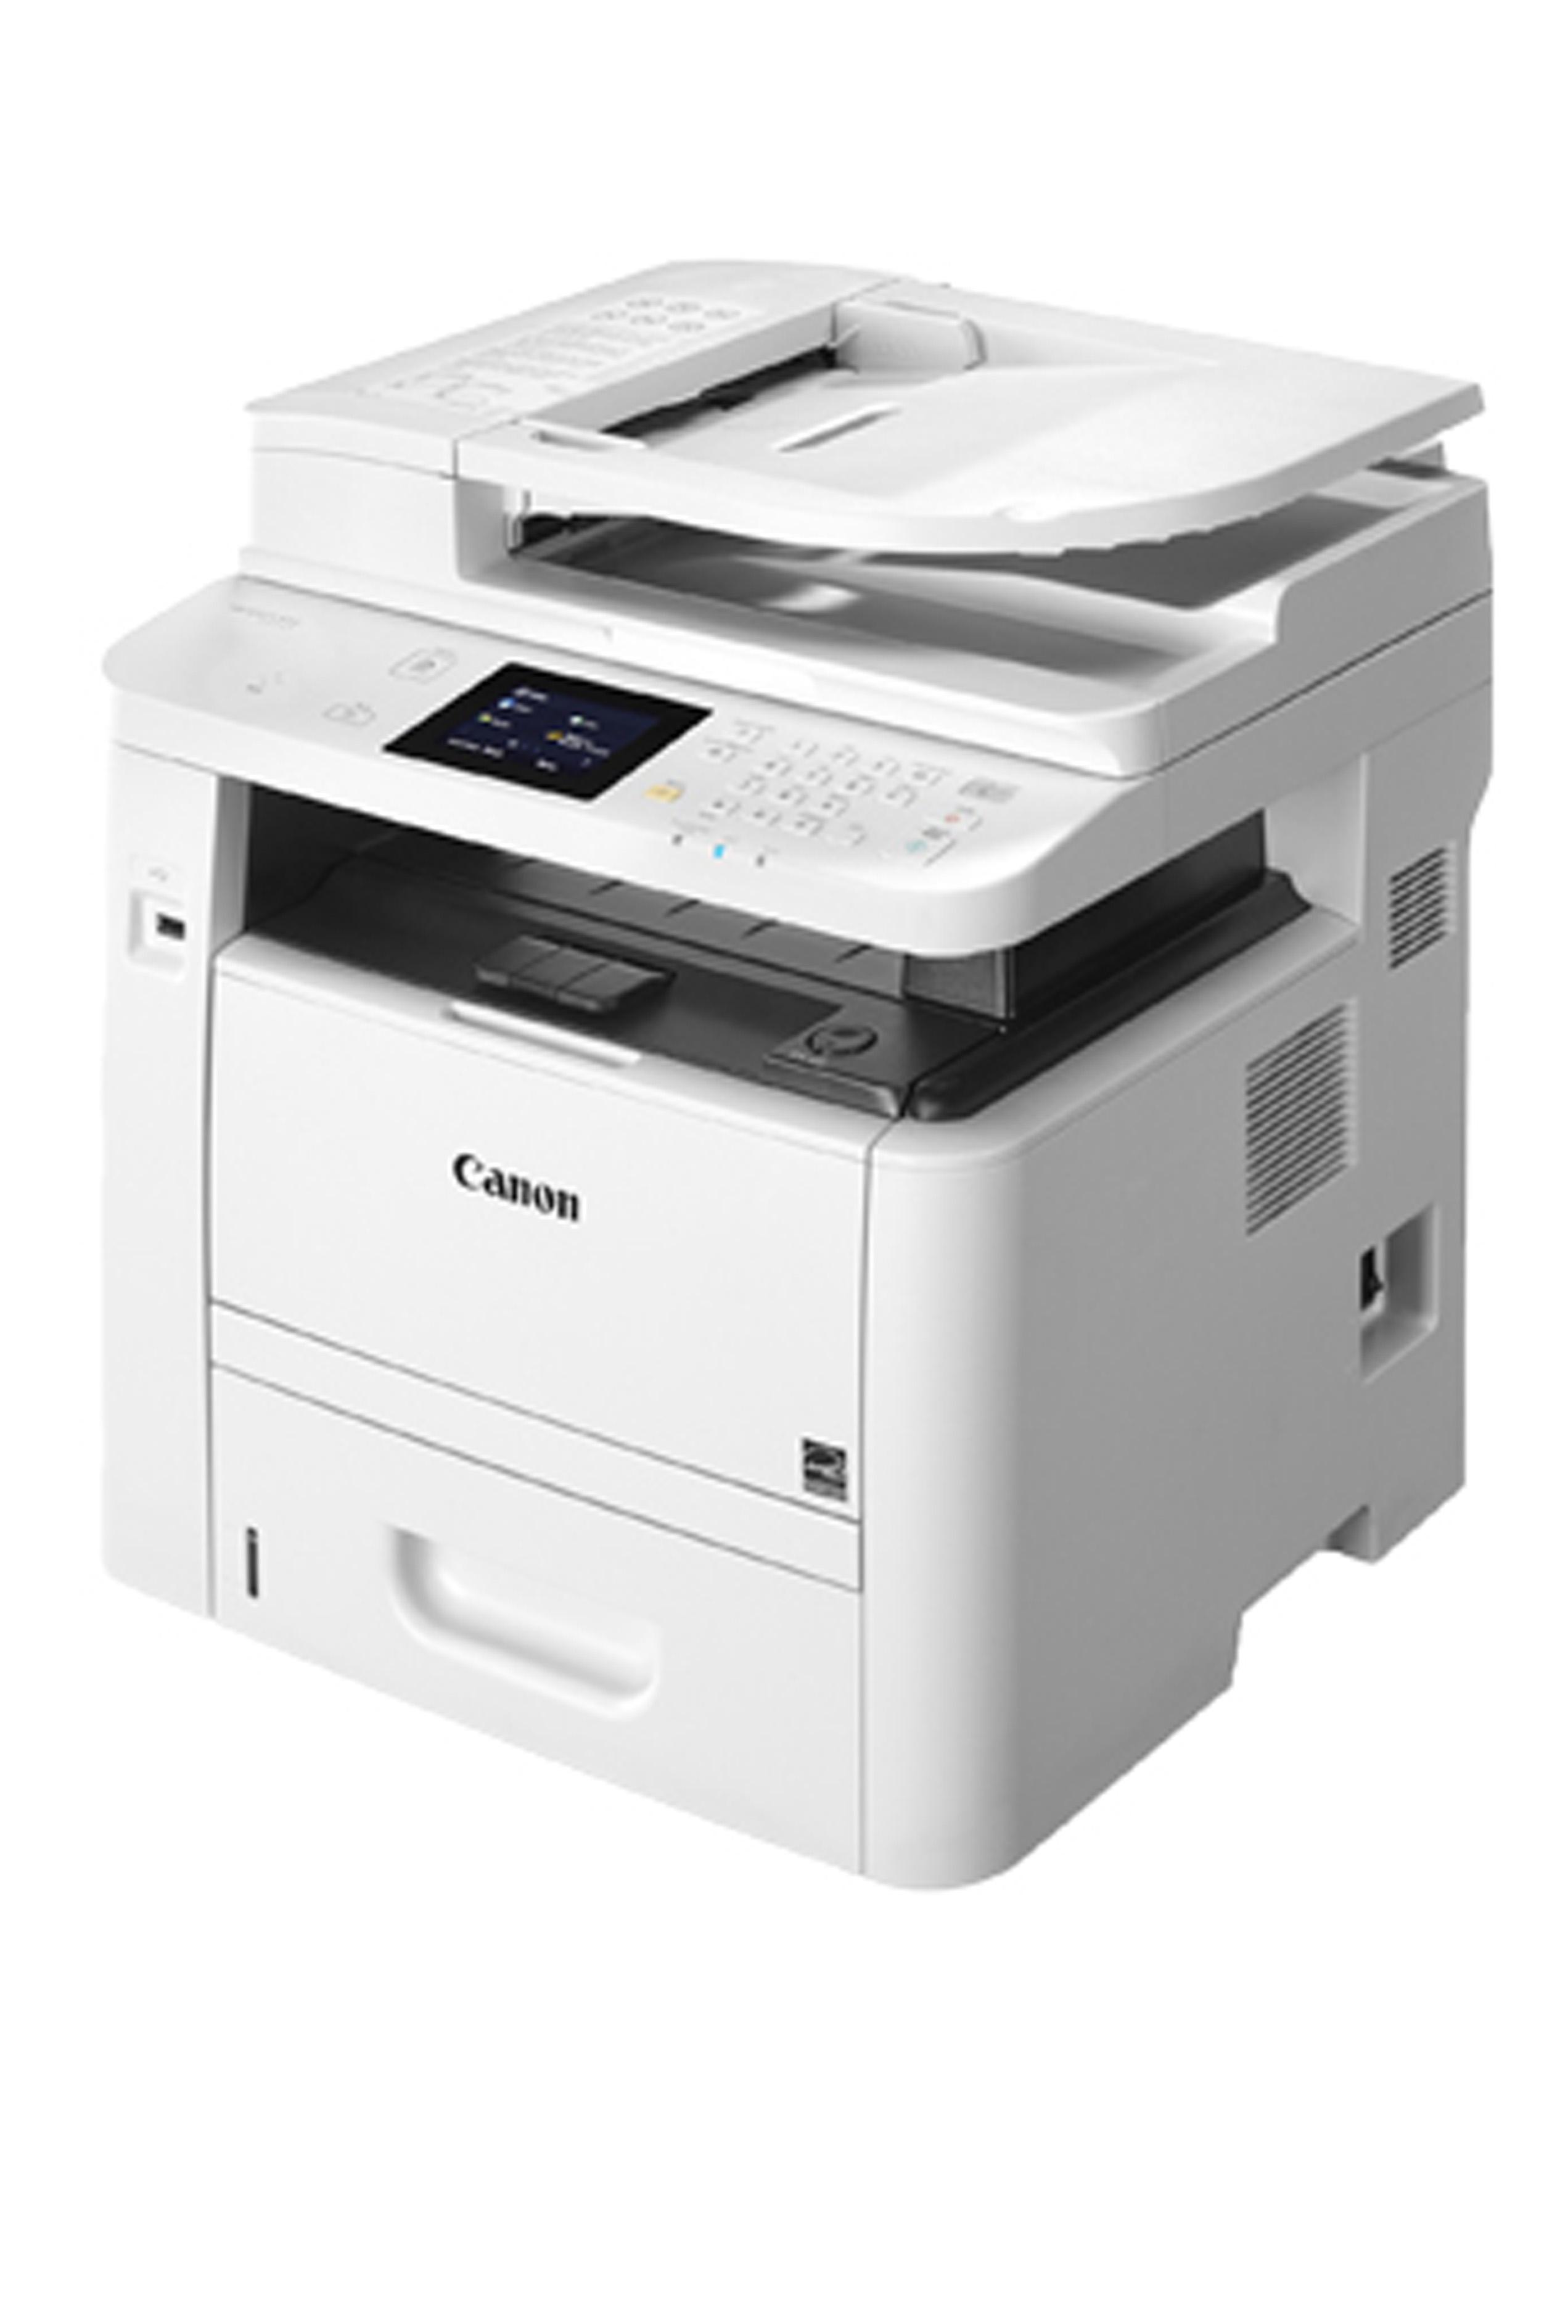 Canon imageCLASS D1550 (35ppm)